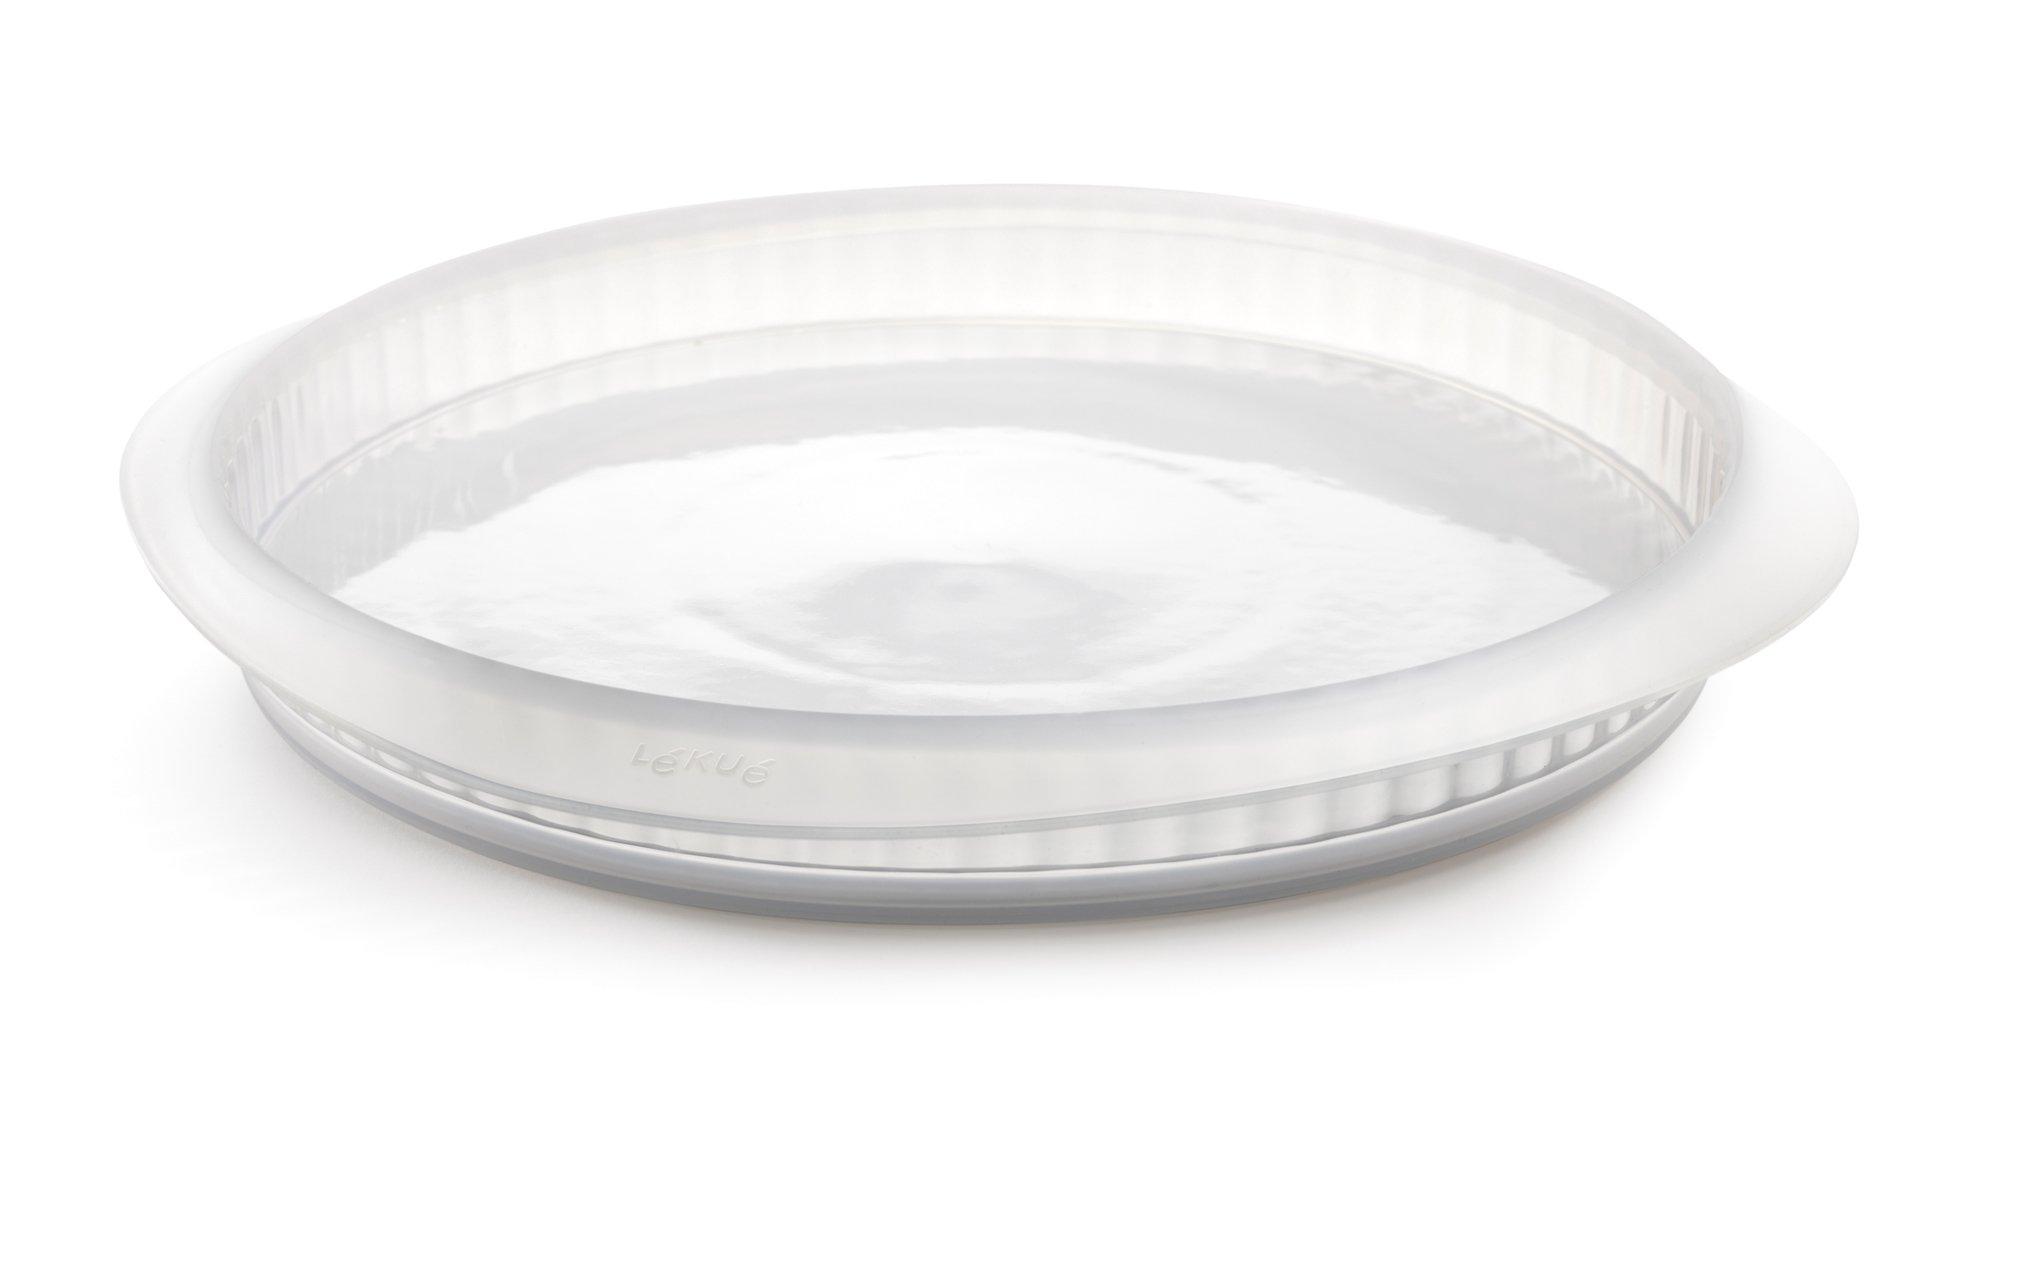 Lékué Duo - Molde para quiche, 28 cm y plato cerámica, color blanco translucido